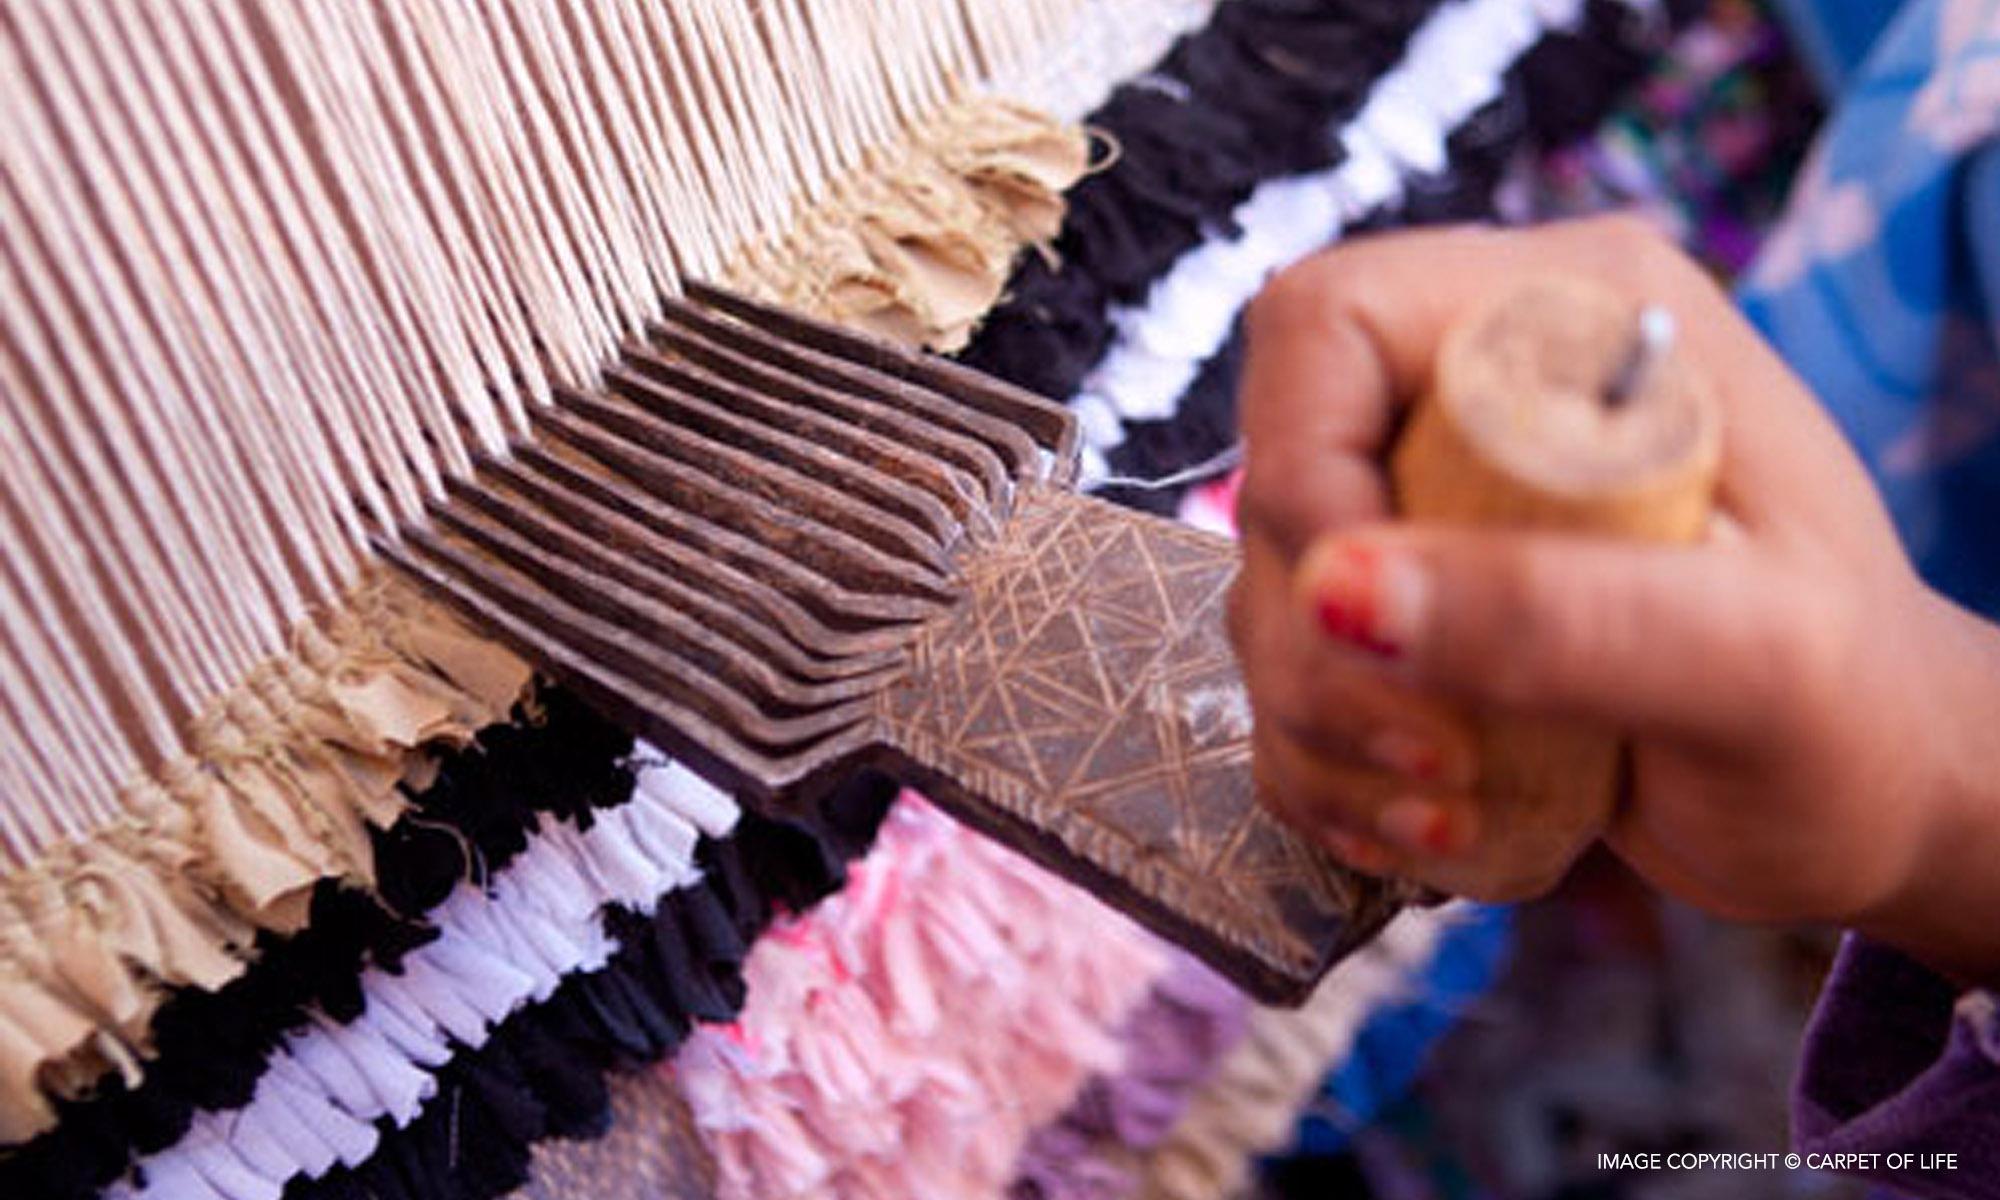 Carpet of Life, Morocco, Taragalte, Boucherouite, Carpets, Bivouac le Petit Prince,